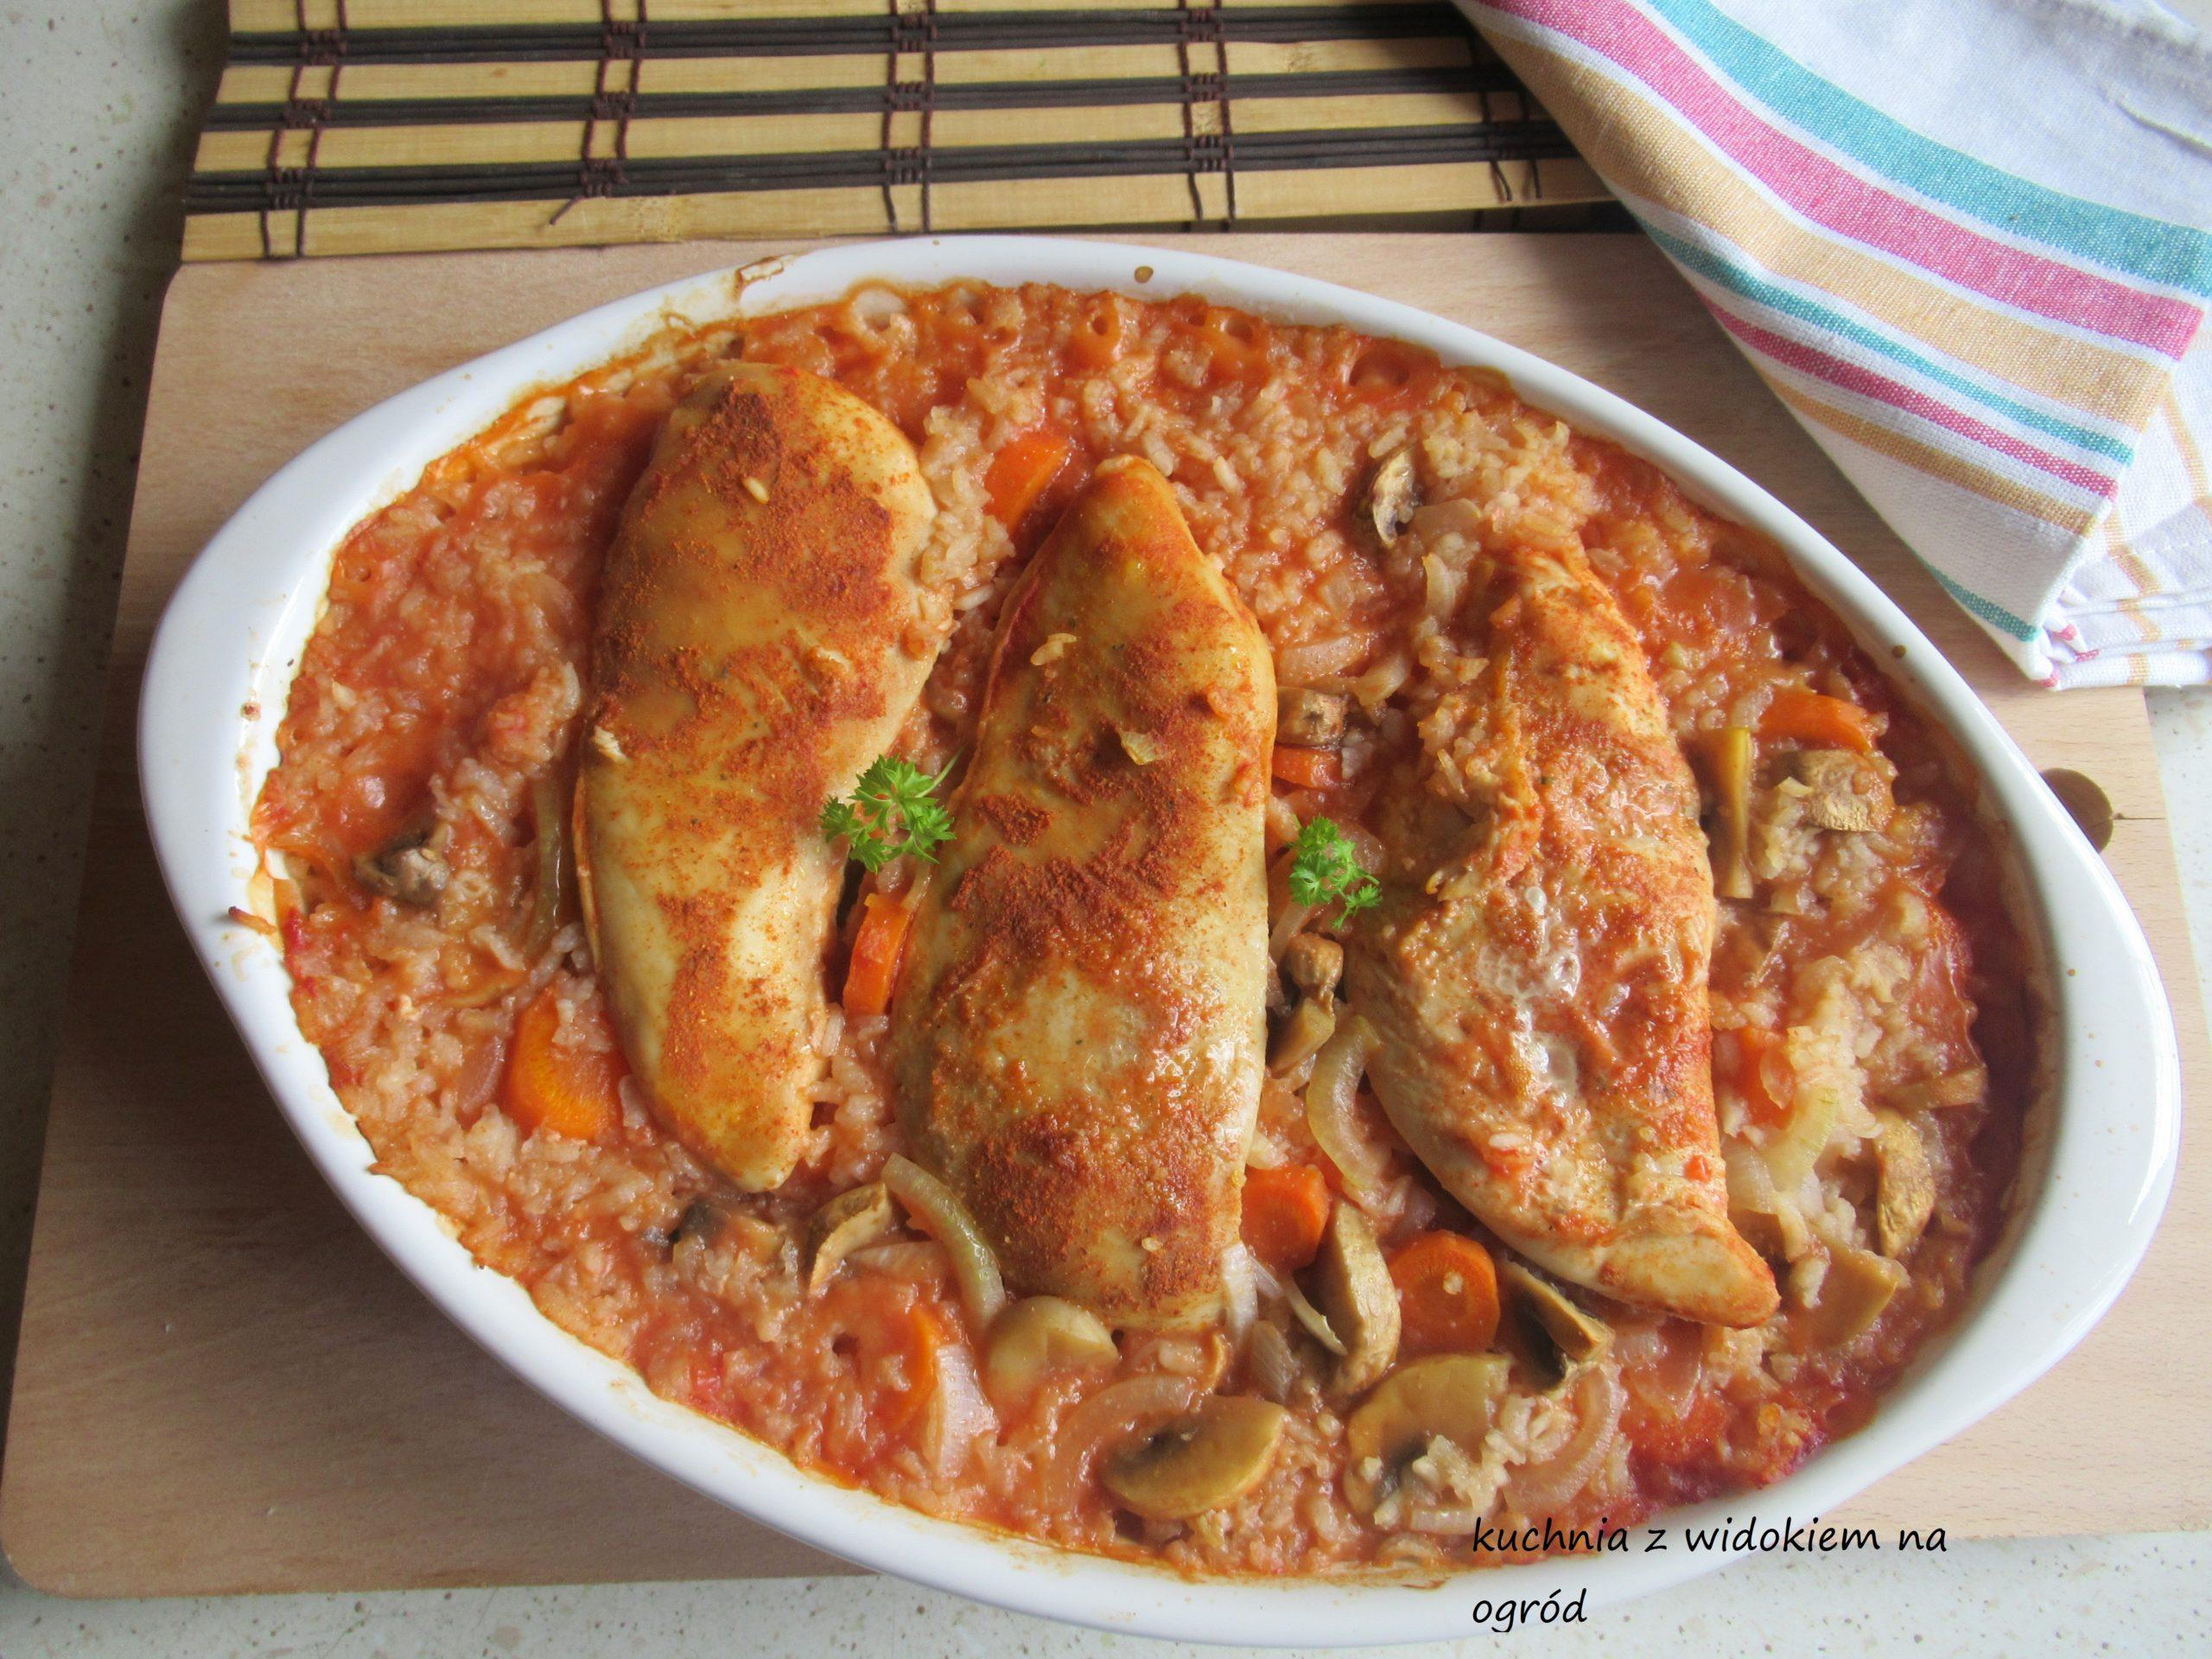 Piersi z kurczaka pieczone na ryżu